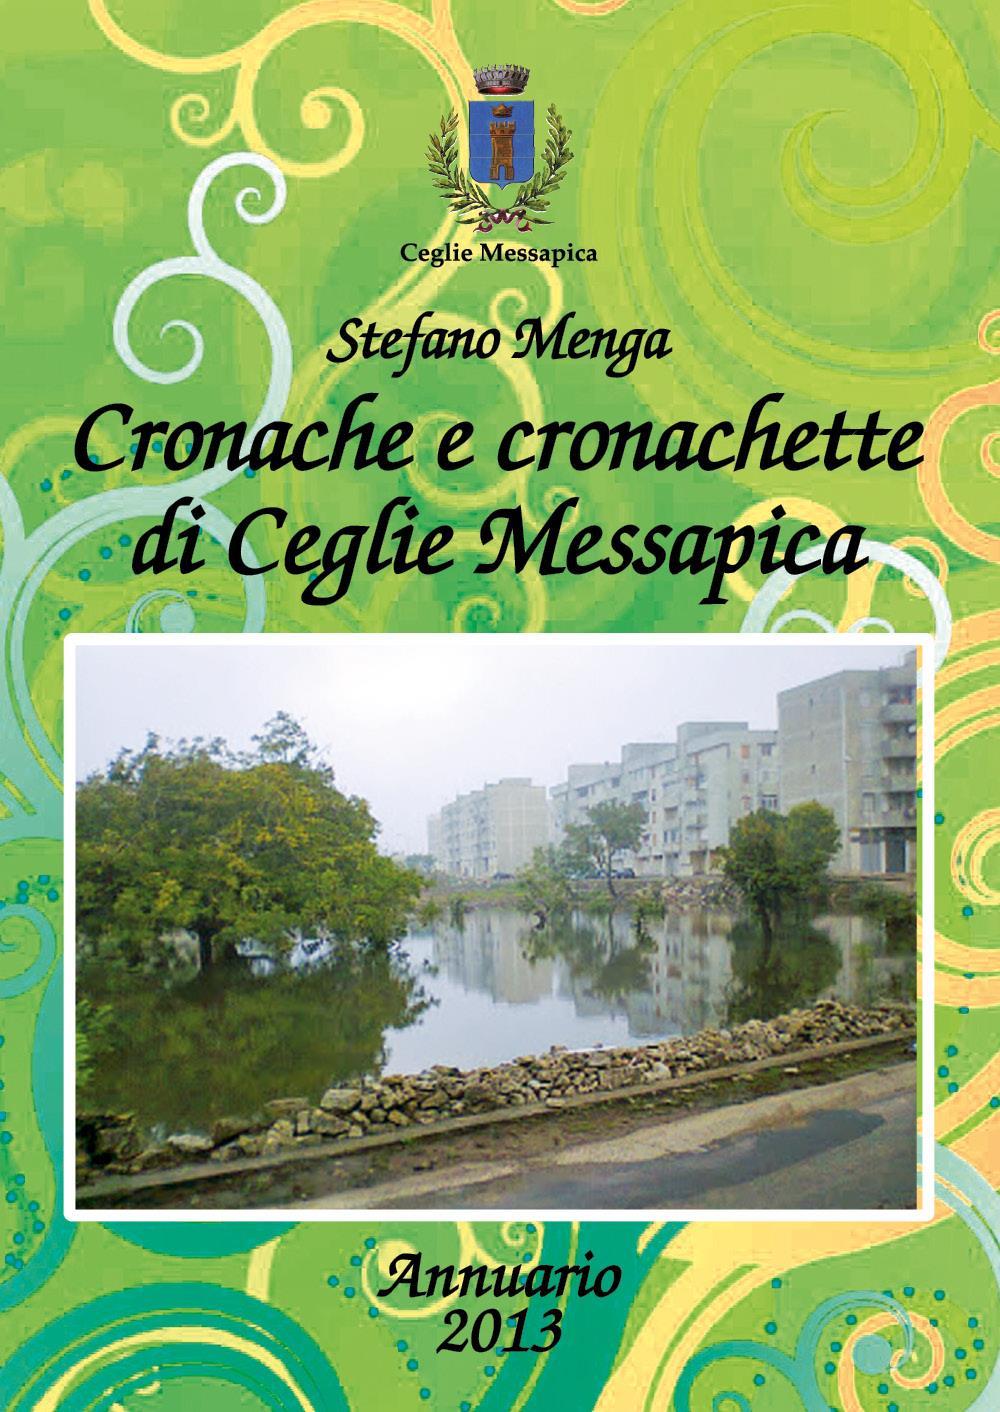 Cronache e cronachette di Ceglie Messapica - Annuario 2013